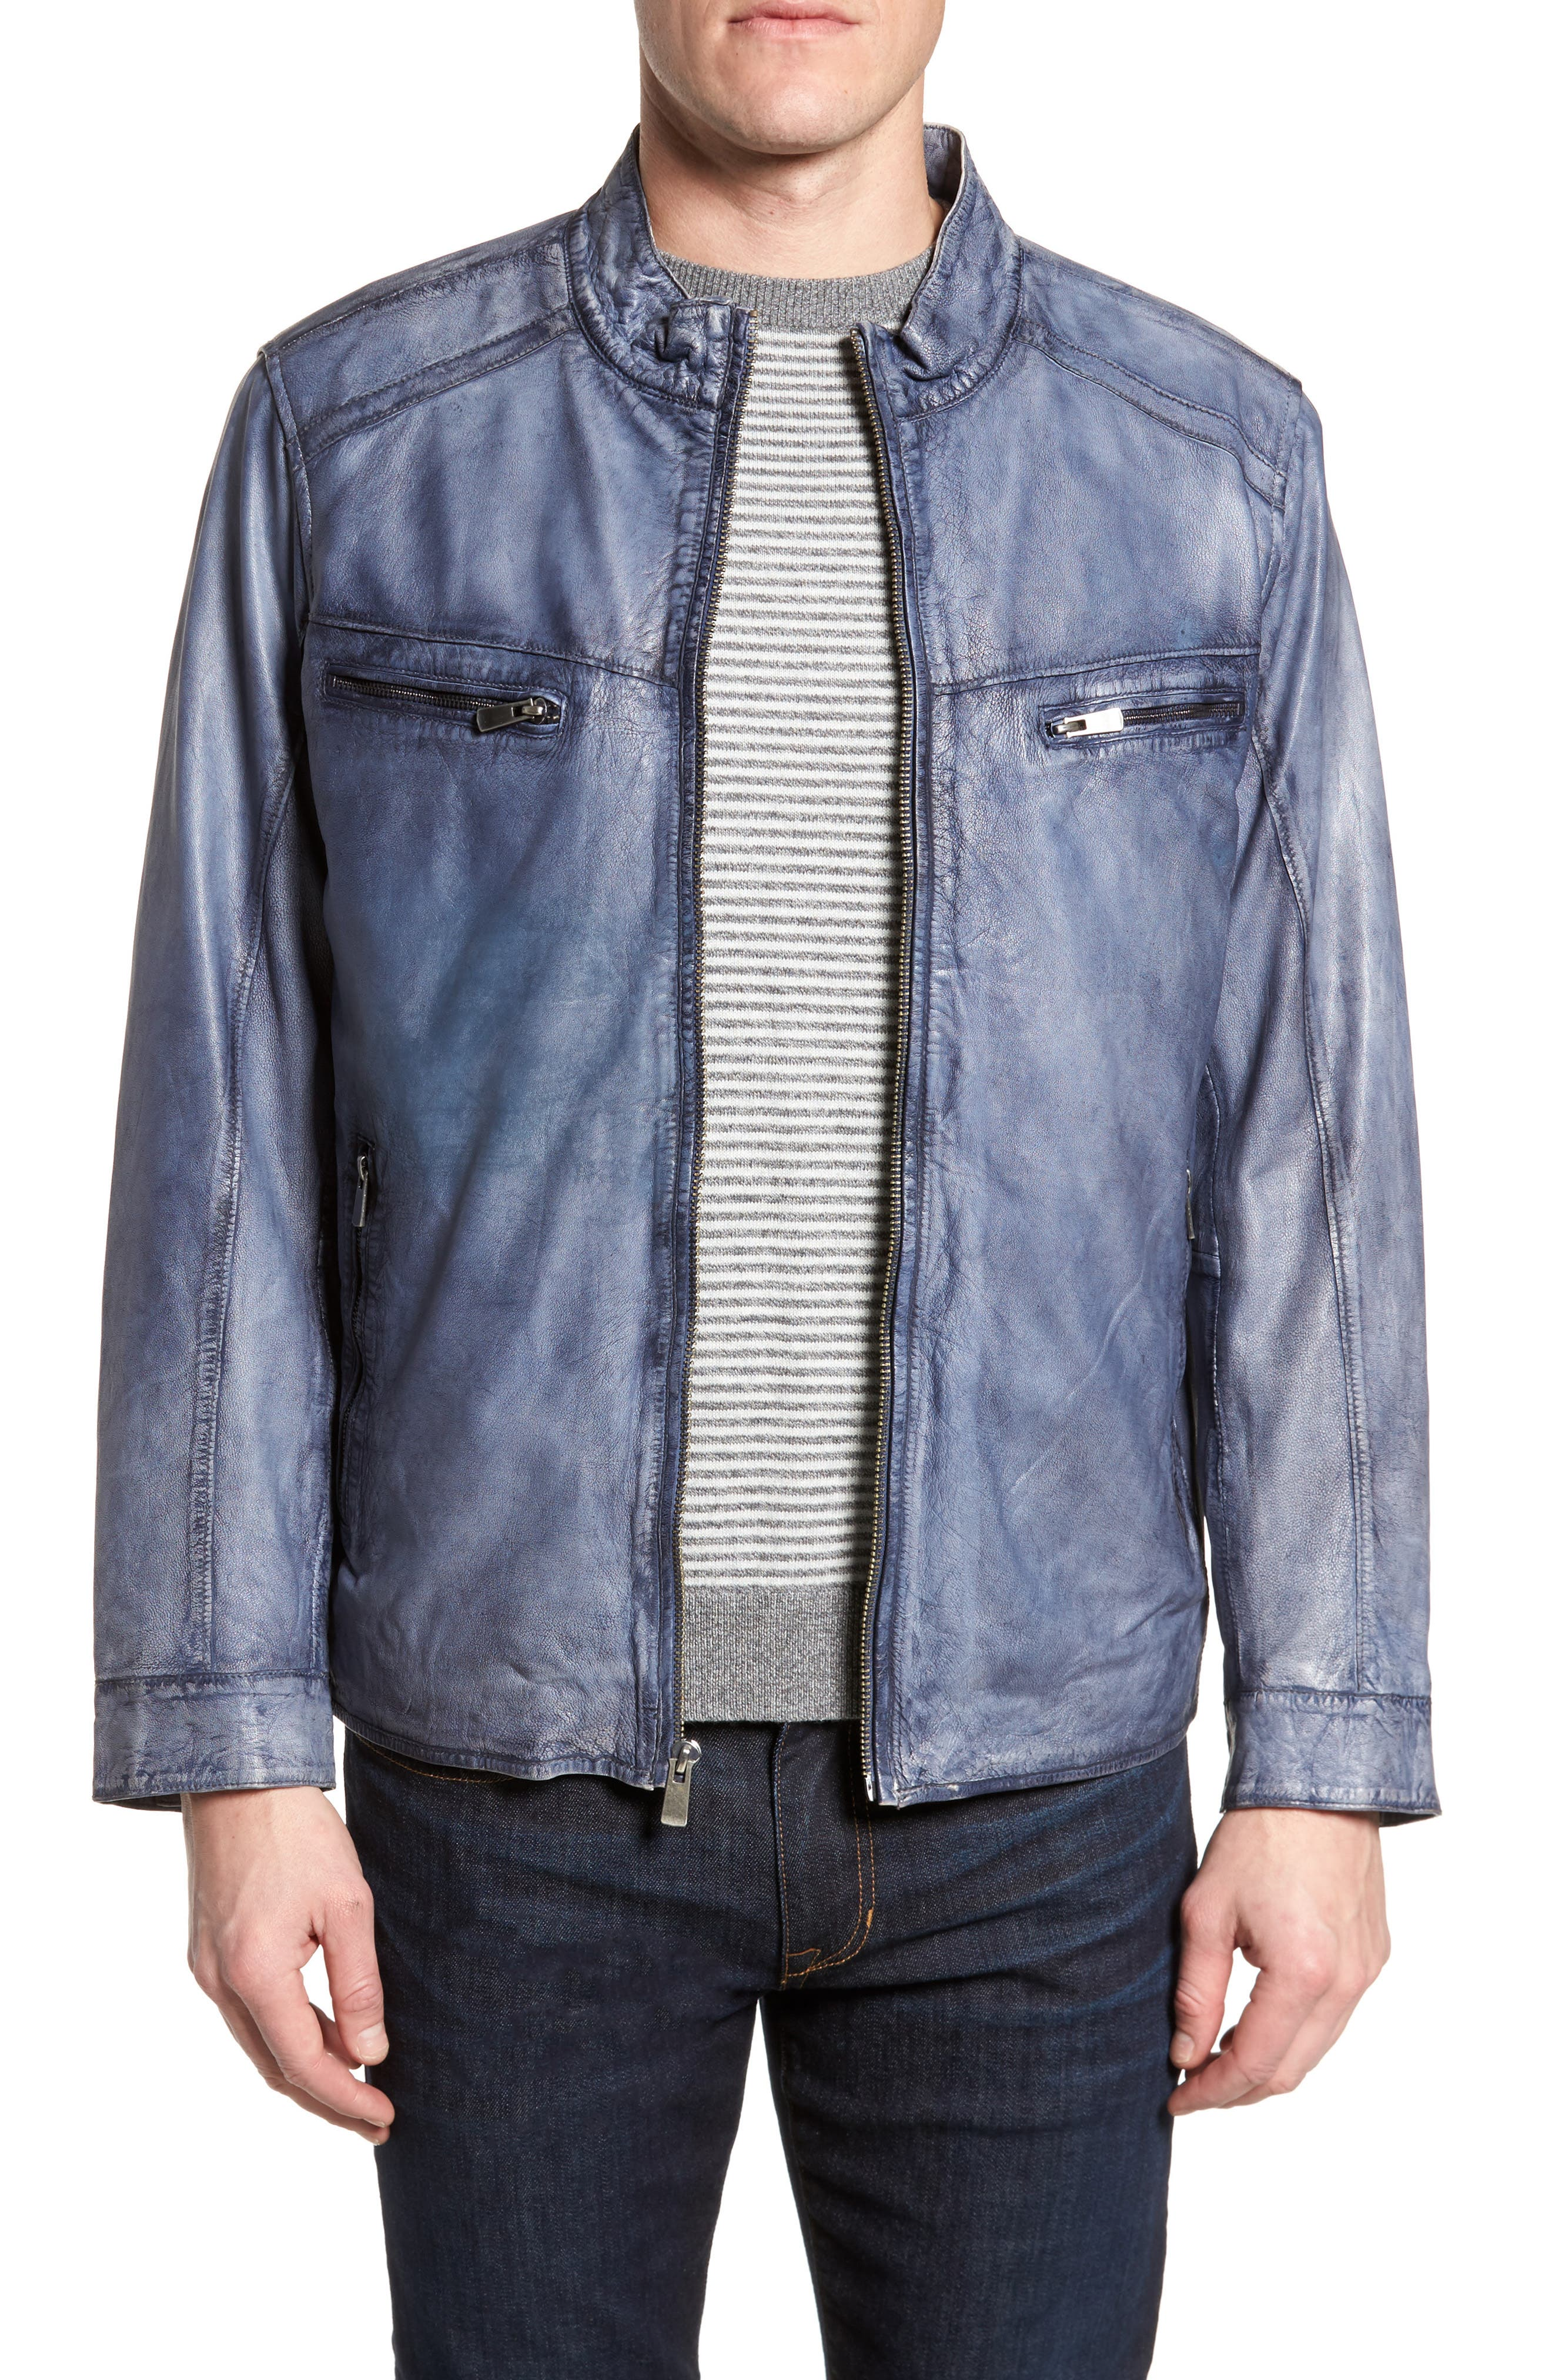 Main Image - Missani Le Collezioni Abraded Washed Leather Jacket